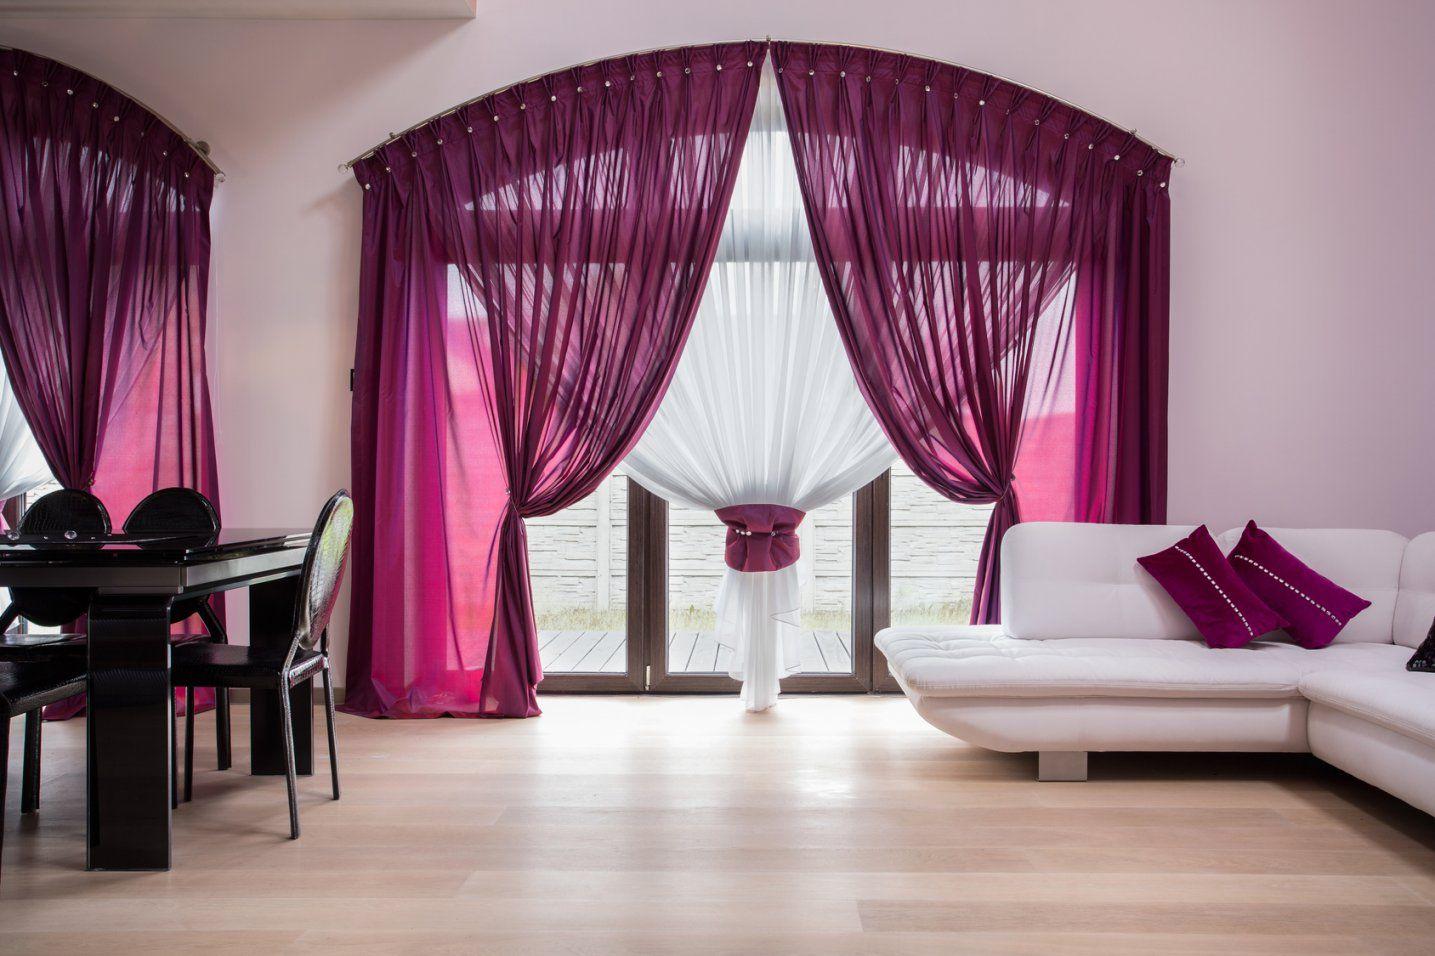 Gardinen 6 Ideen Für Das Wohnzimmer von Neue Gardinen Fürs Wohnzimmer Bild